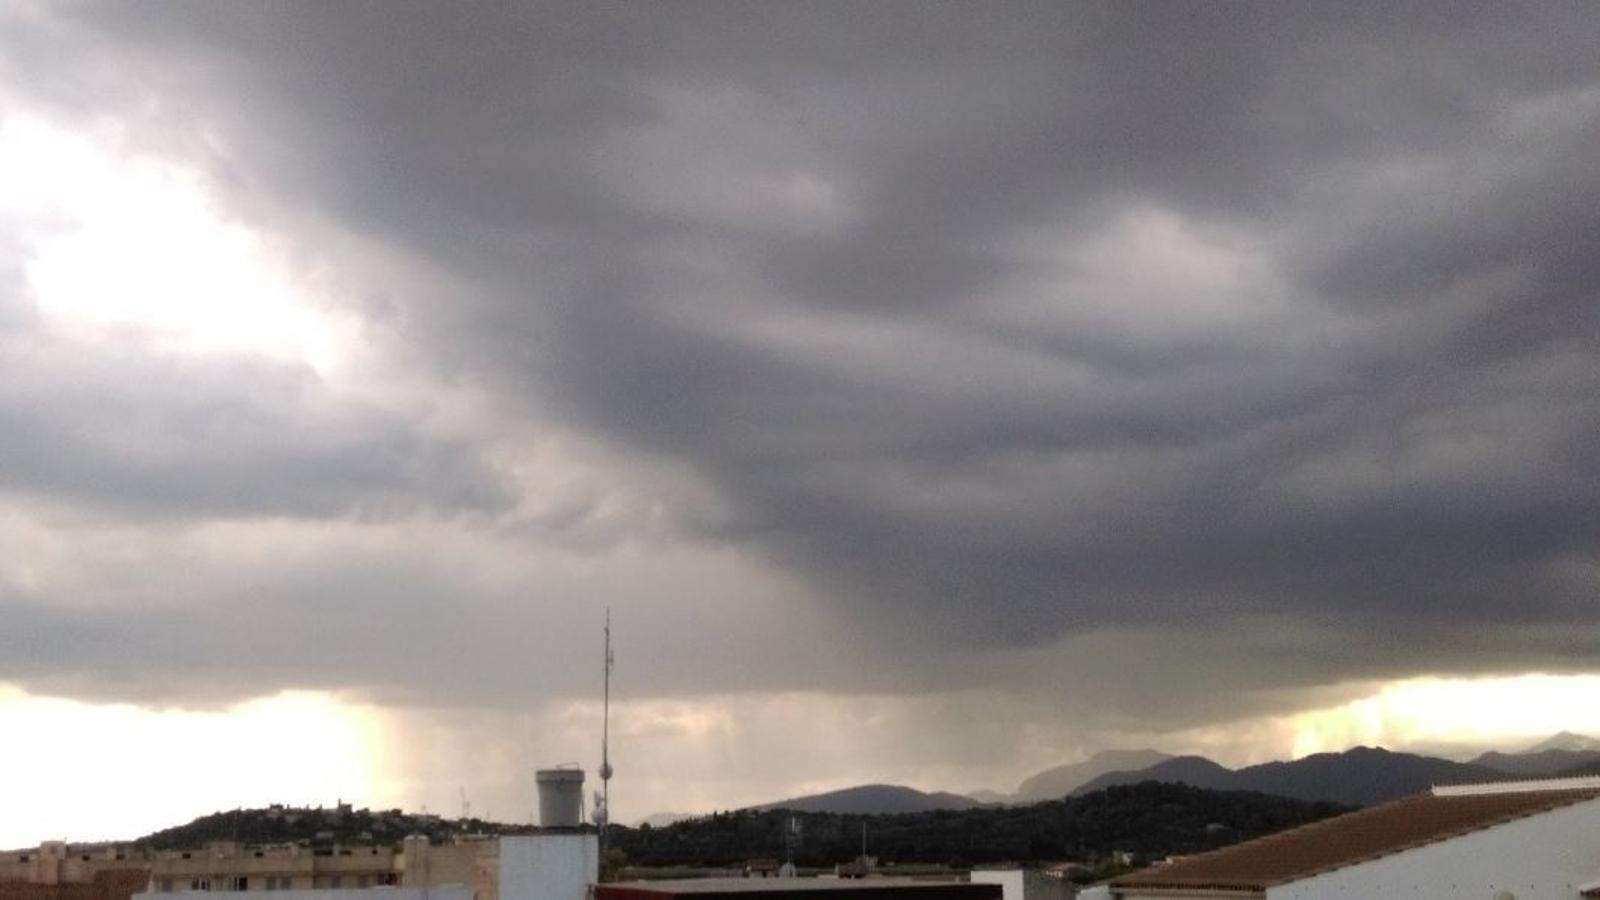 La tempesta a Inca. / M. ÁNGEL CAMPINS